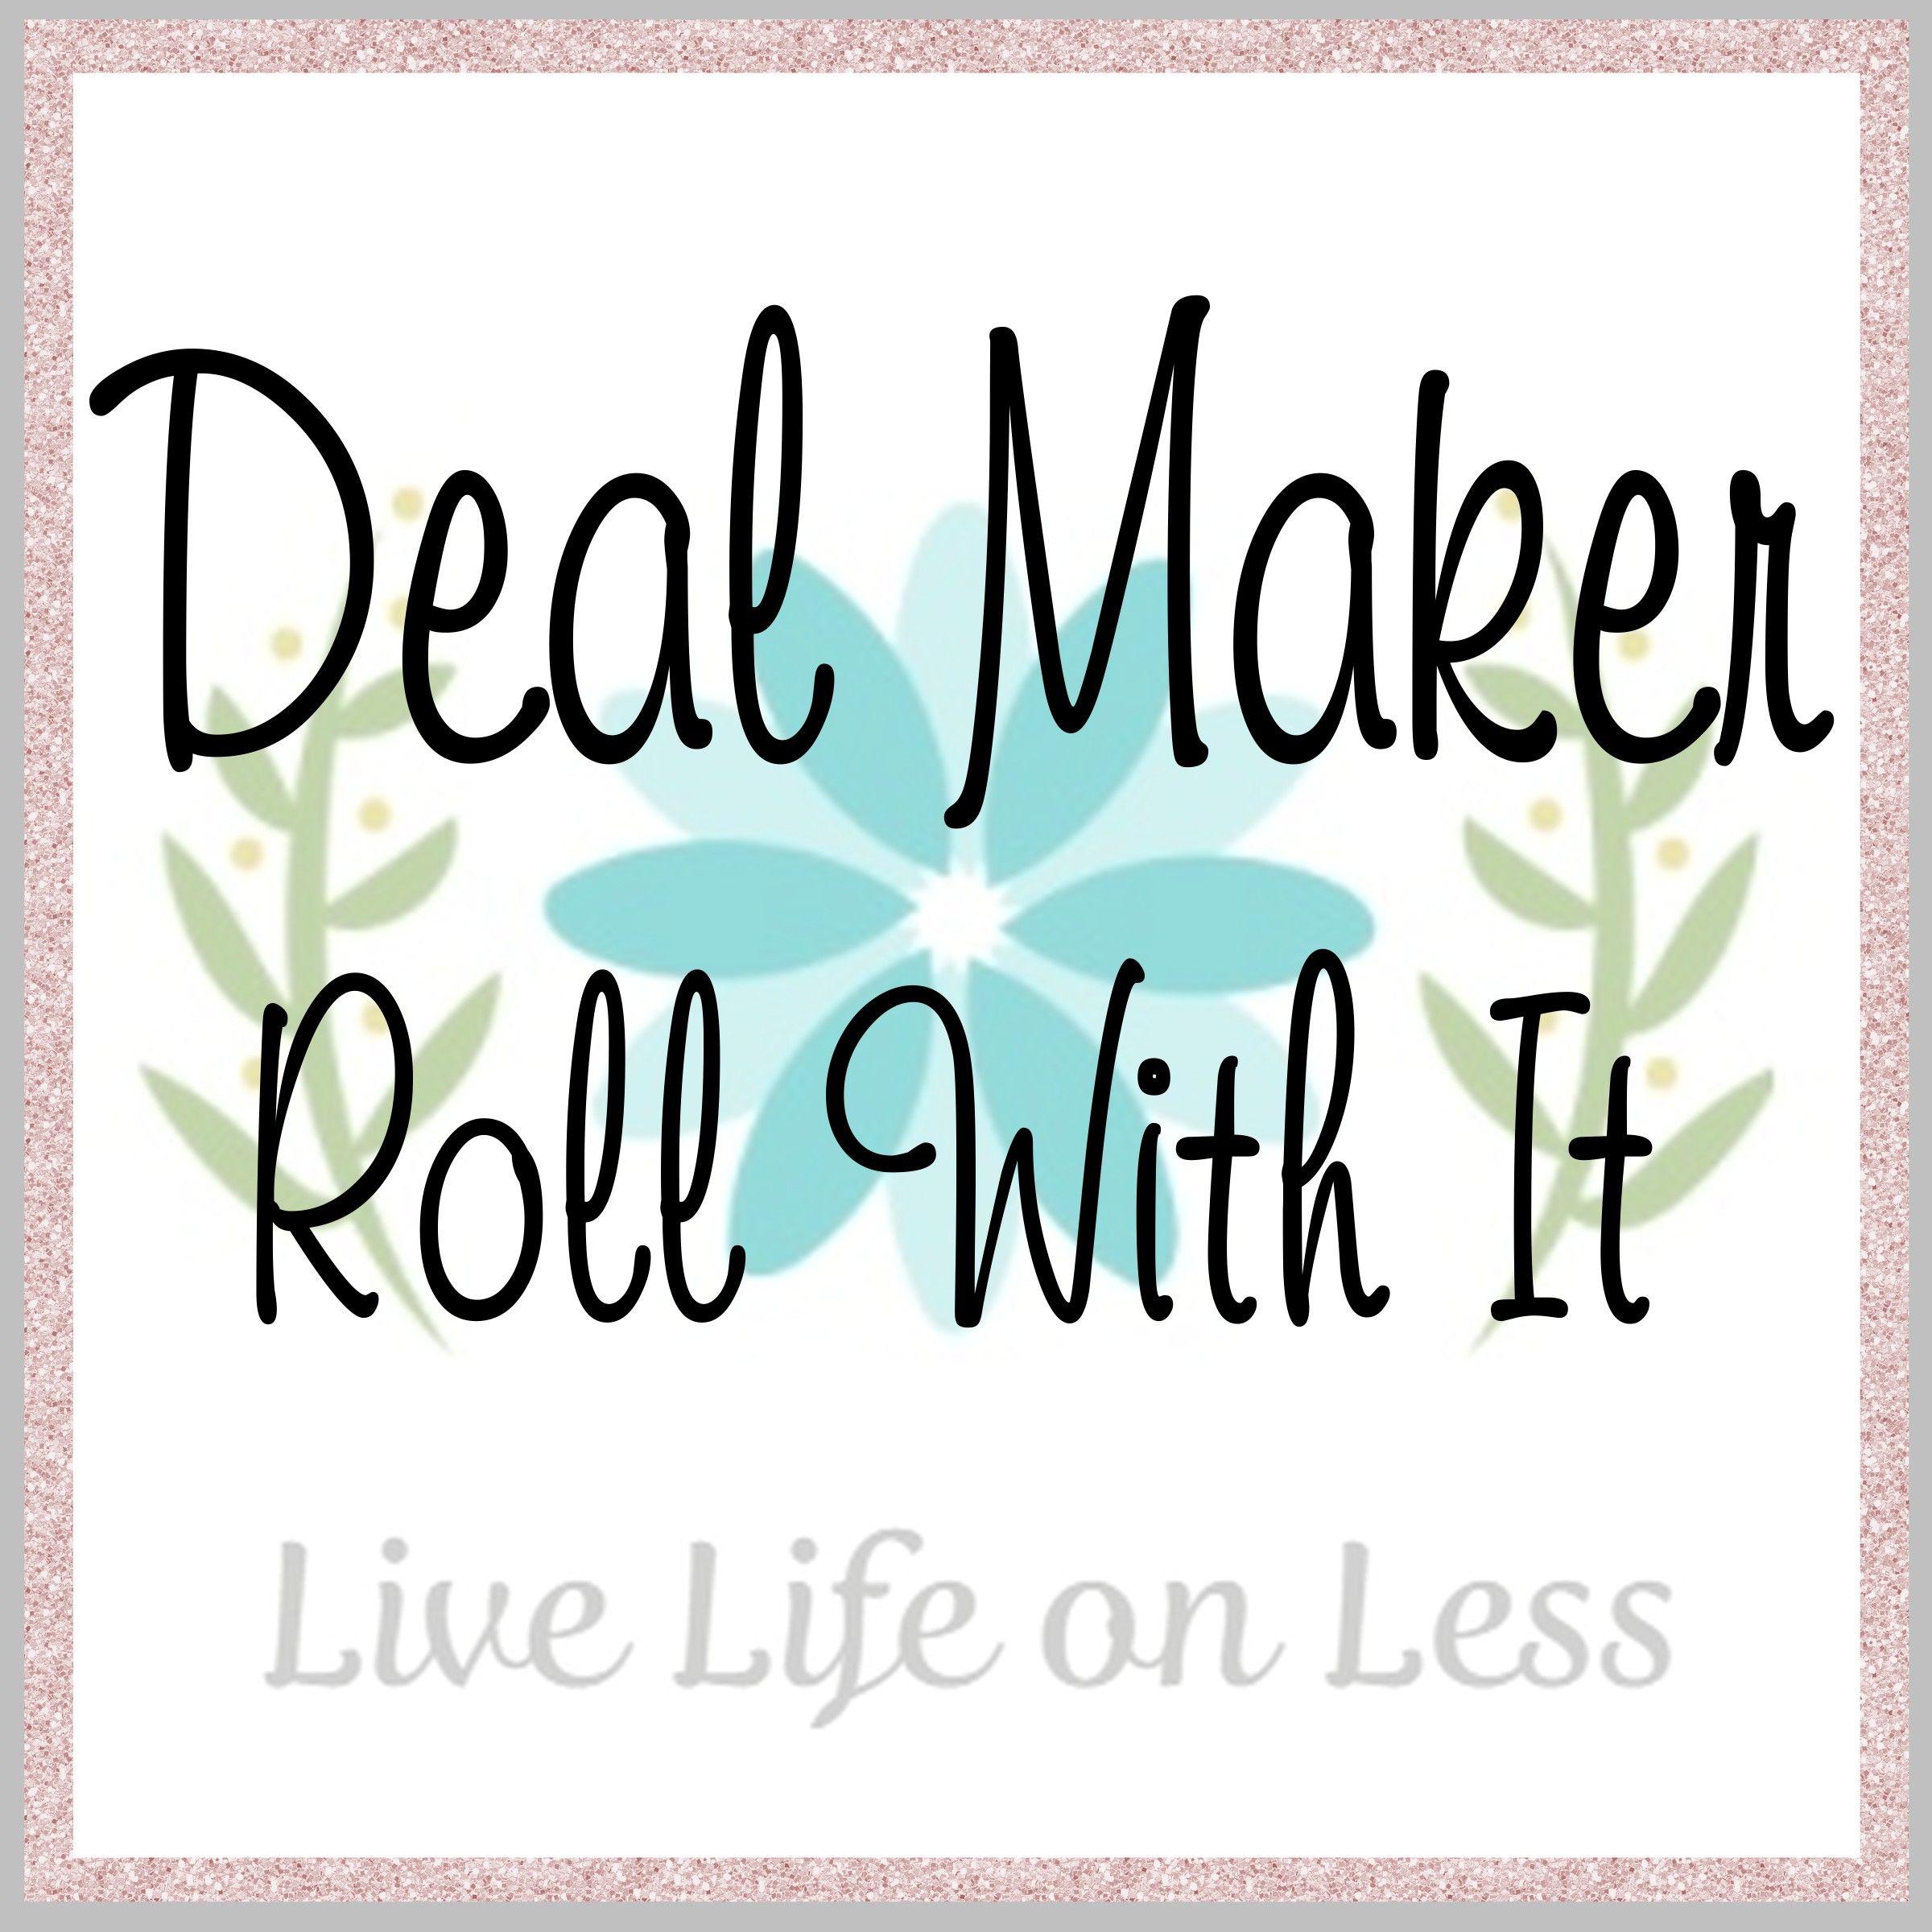 Deal Maker Rolling Transaction Worksheet